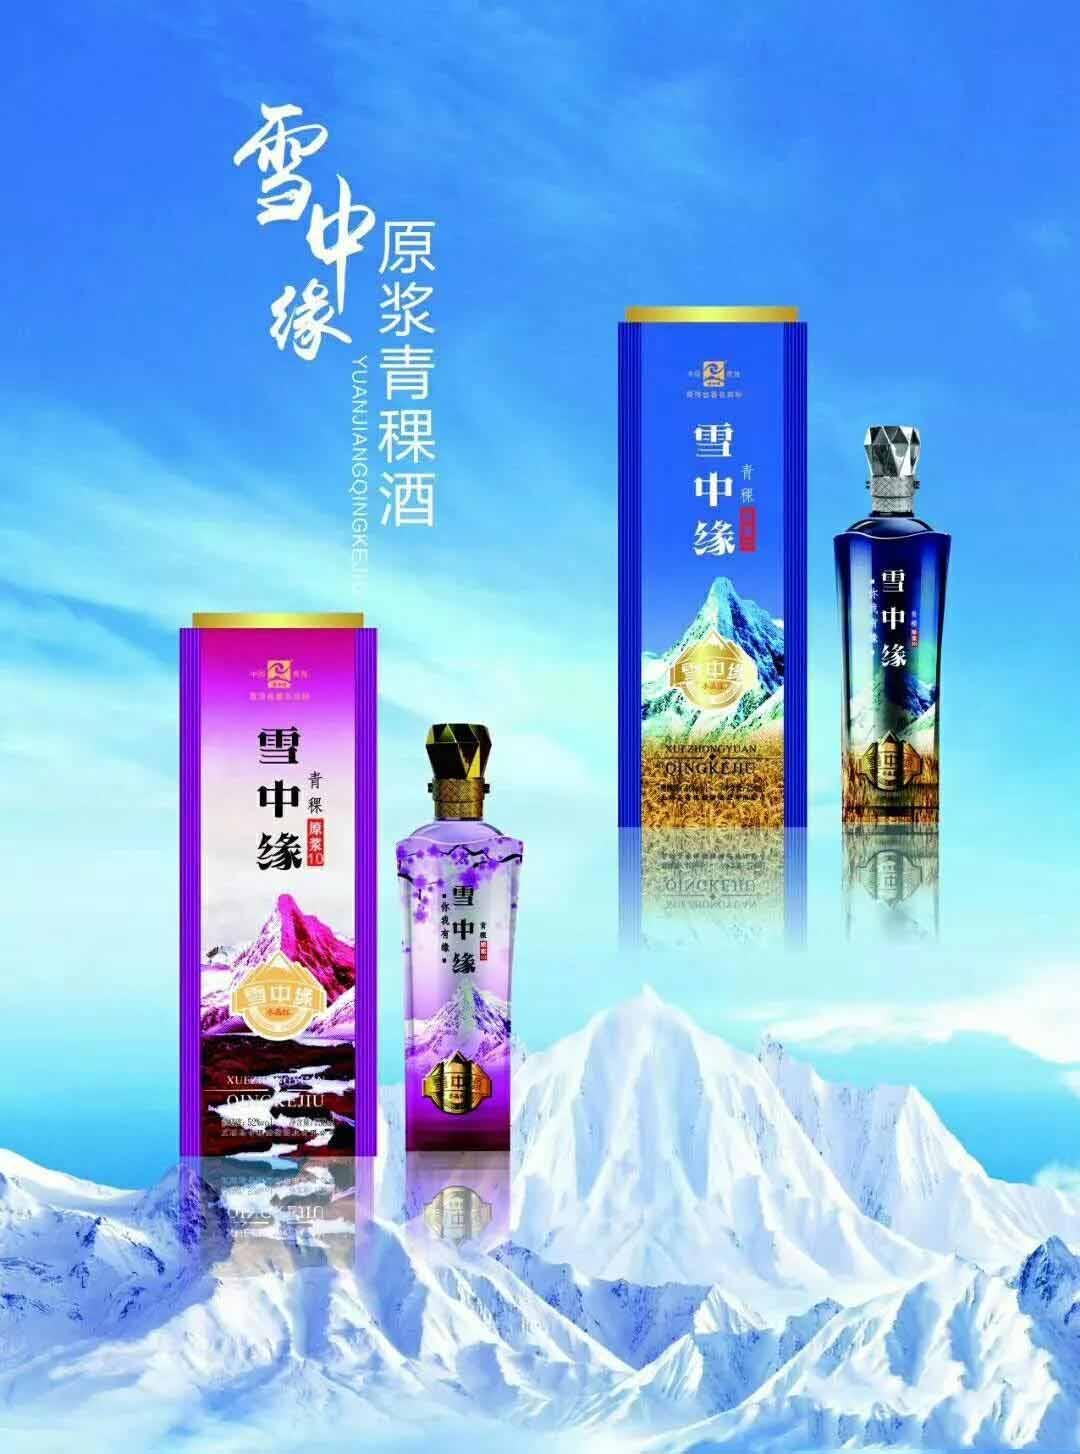 甘肃青稞酒便宜 欢迎咨询 青海雪中缘青稞铭馏酒业供应